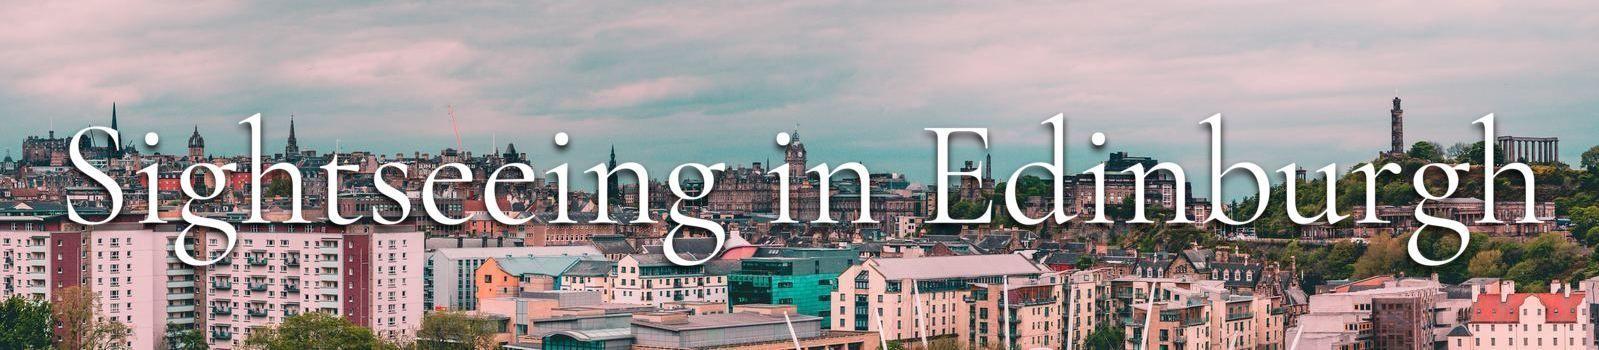 Sightseeing in Edinburgh banner